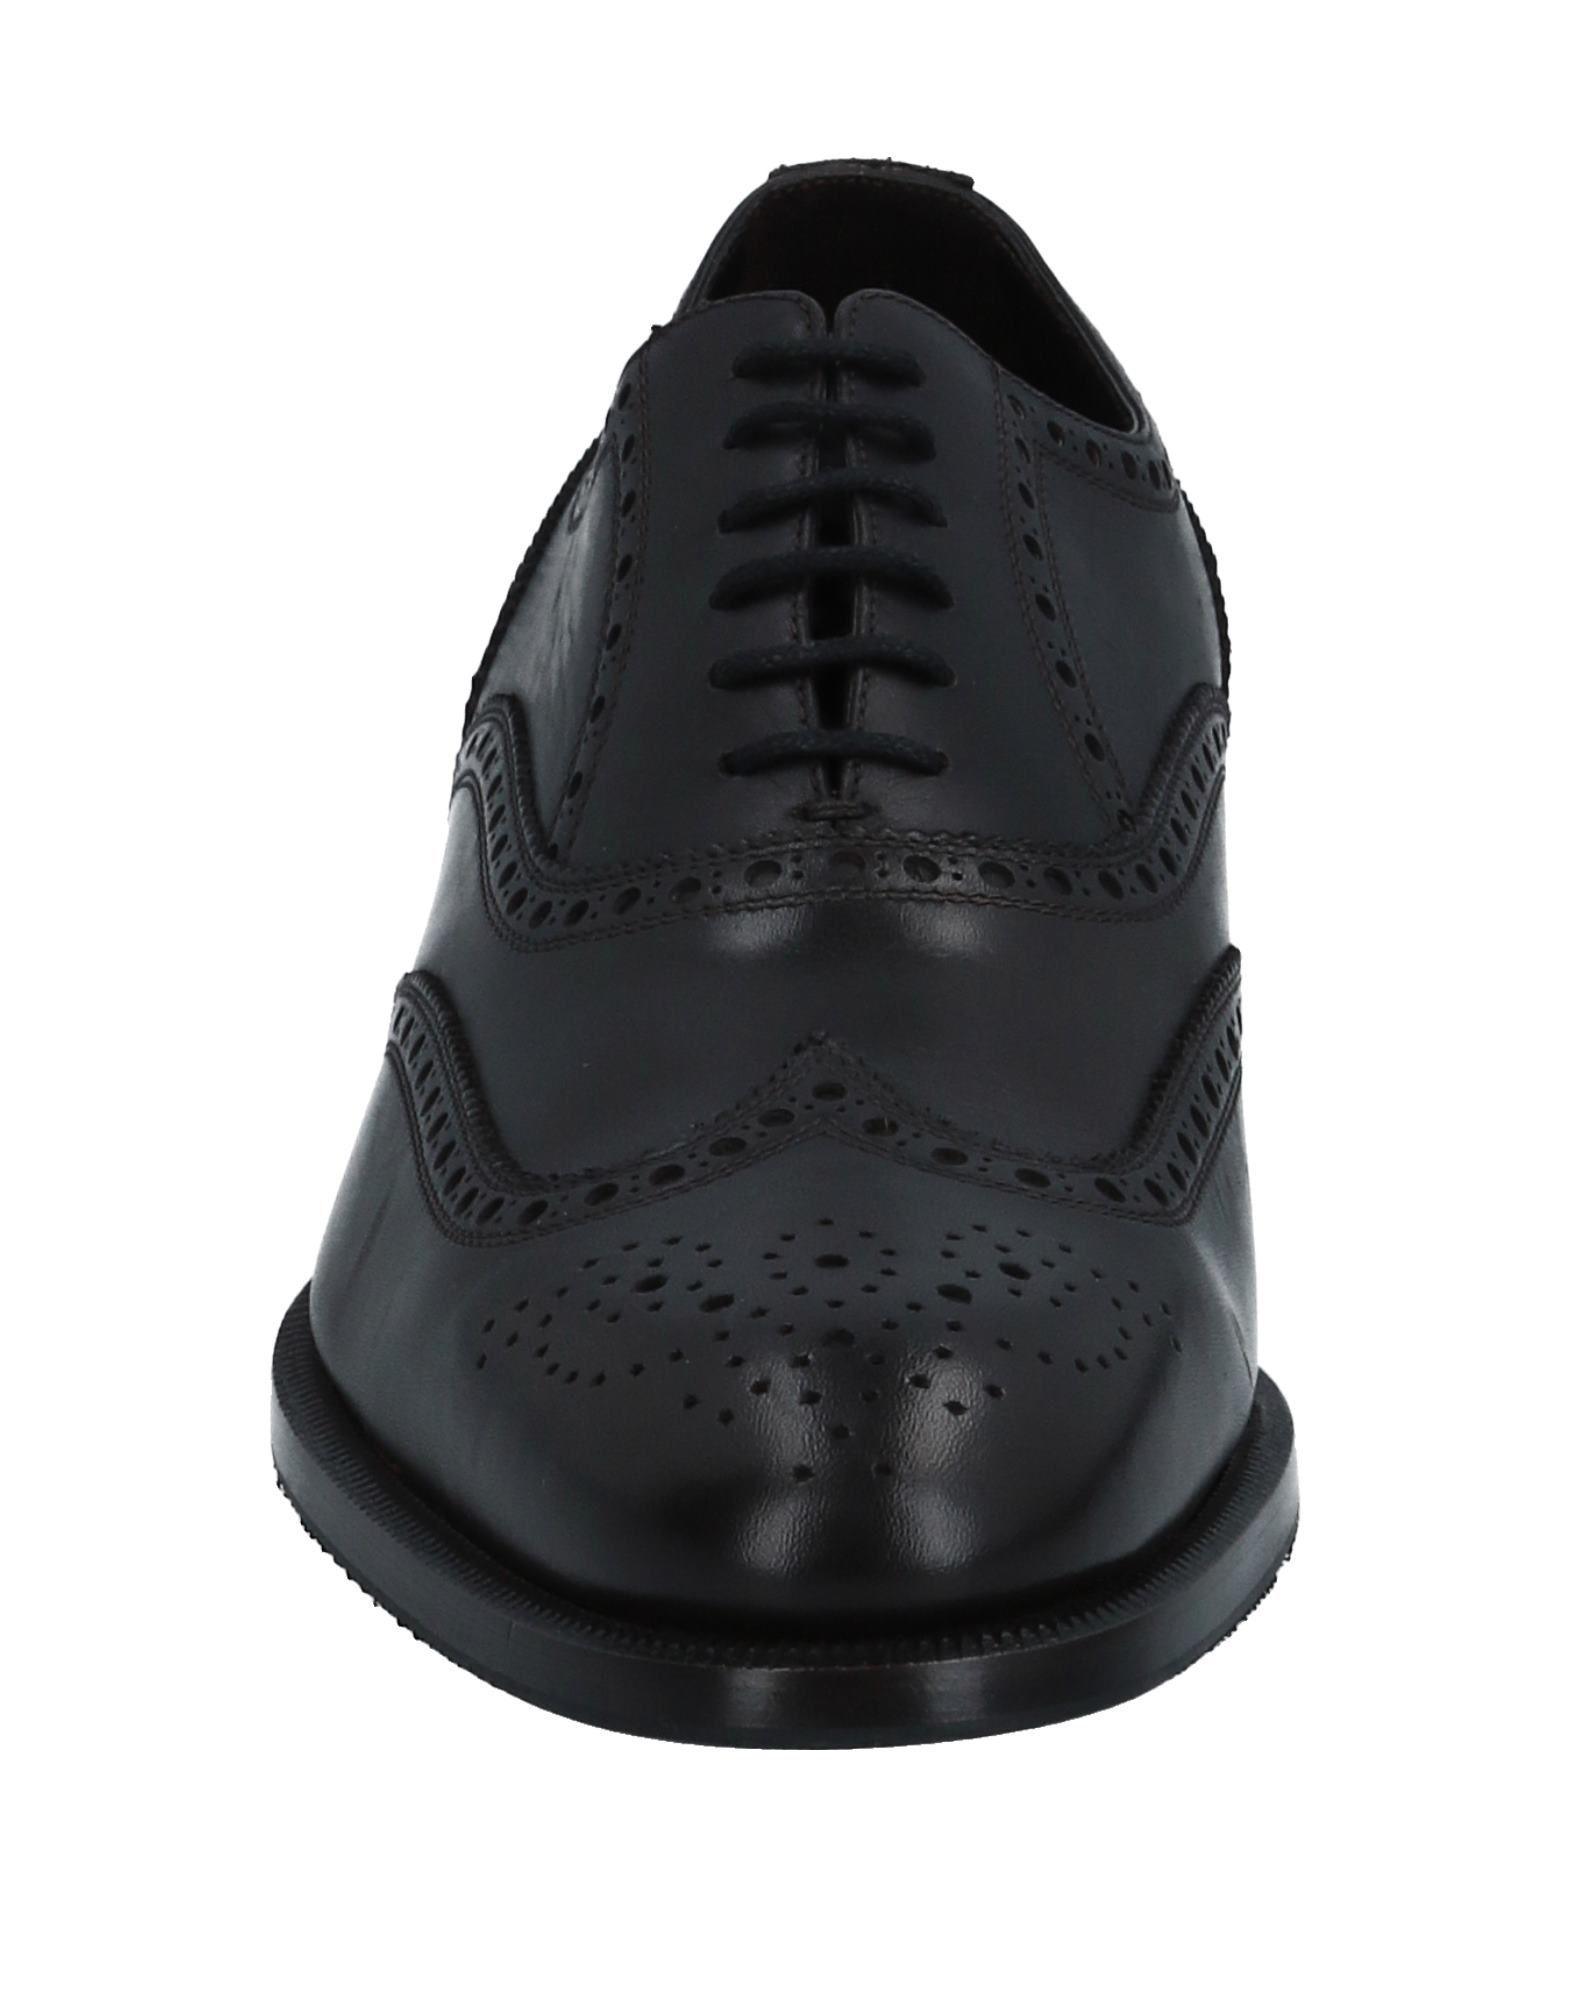 Schuhe Dsquared2 Schnürschuhe Herren  11517471FI Heiße Schuhe  92e400